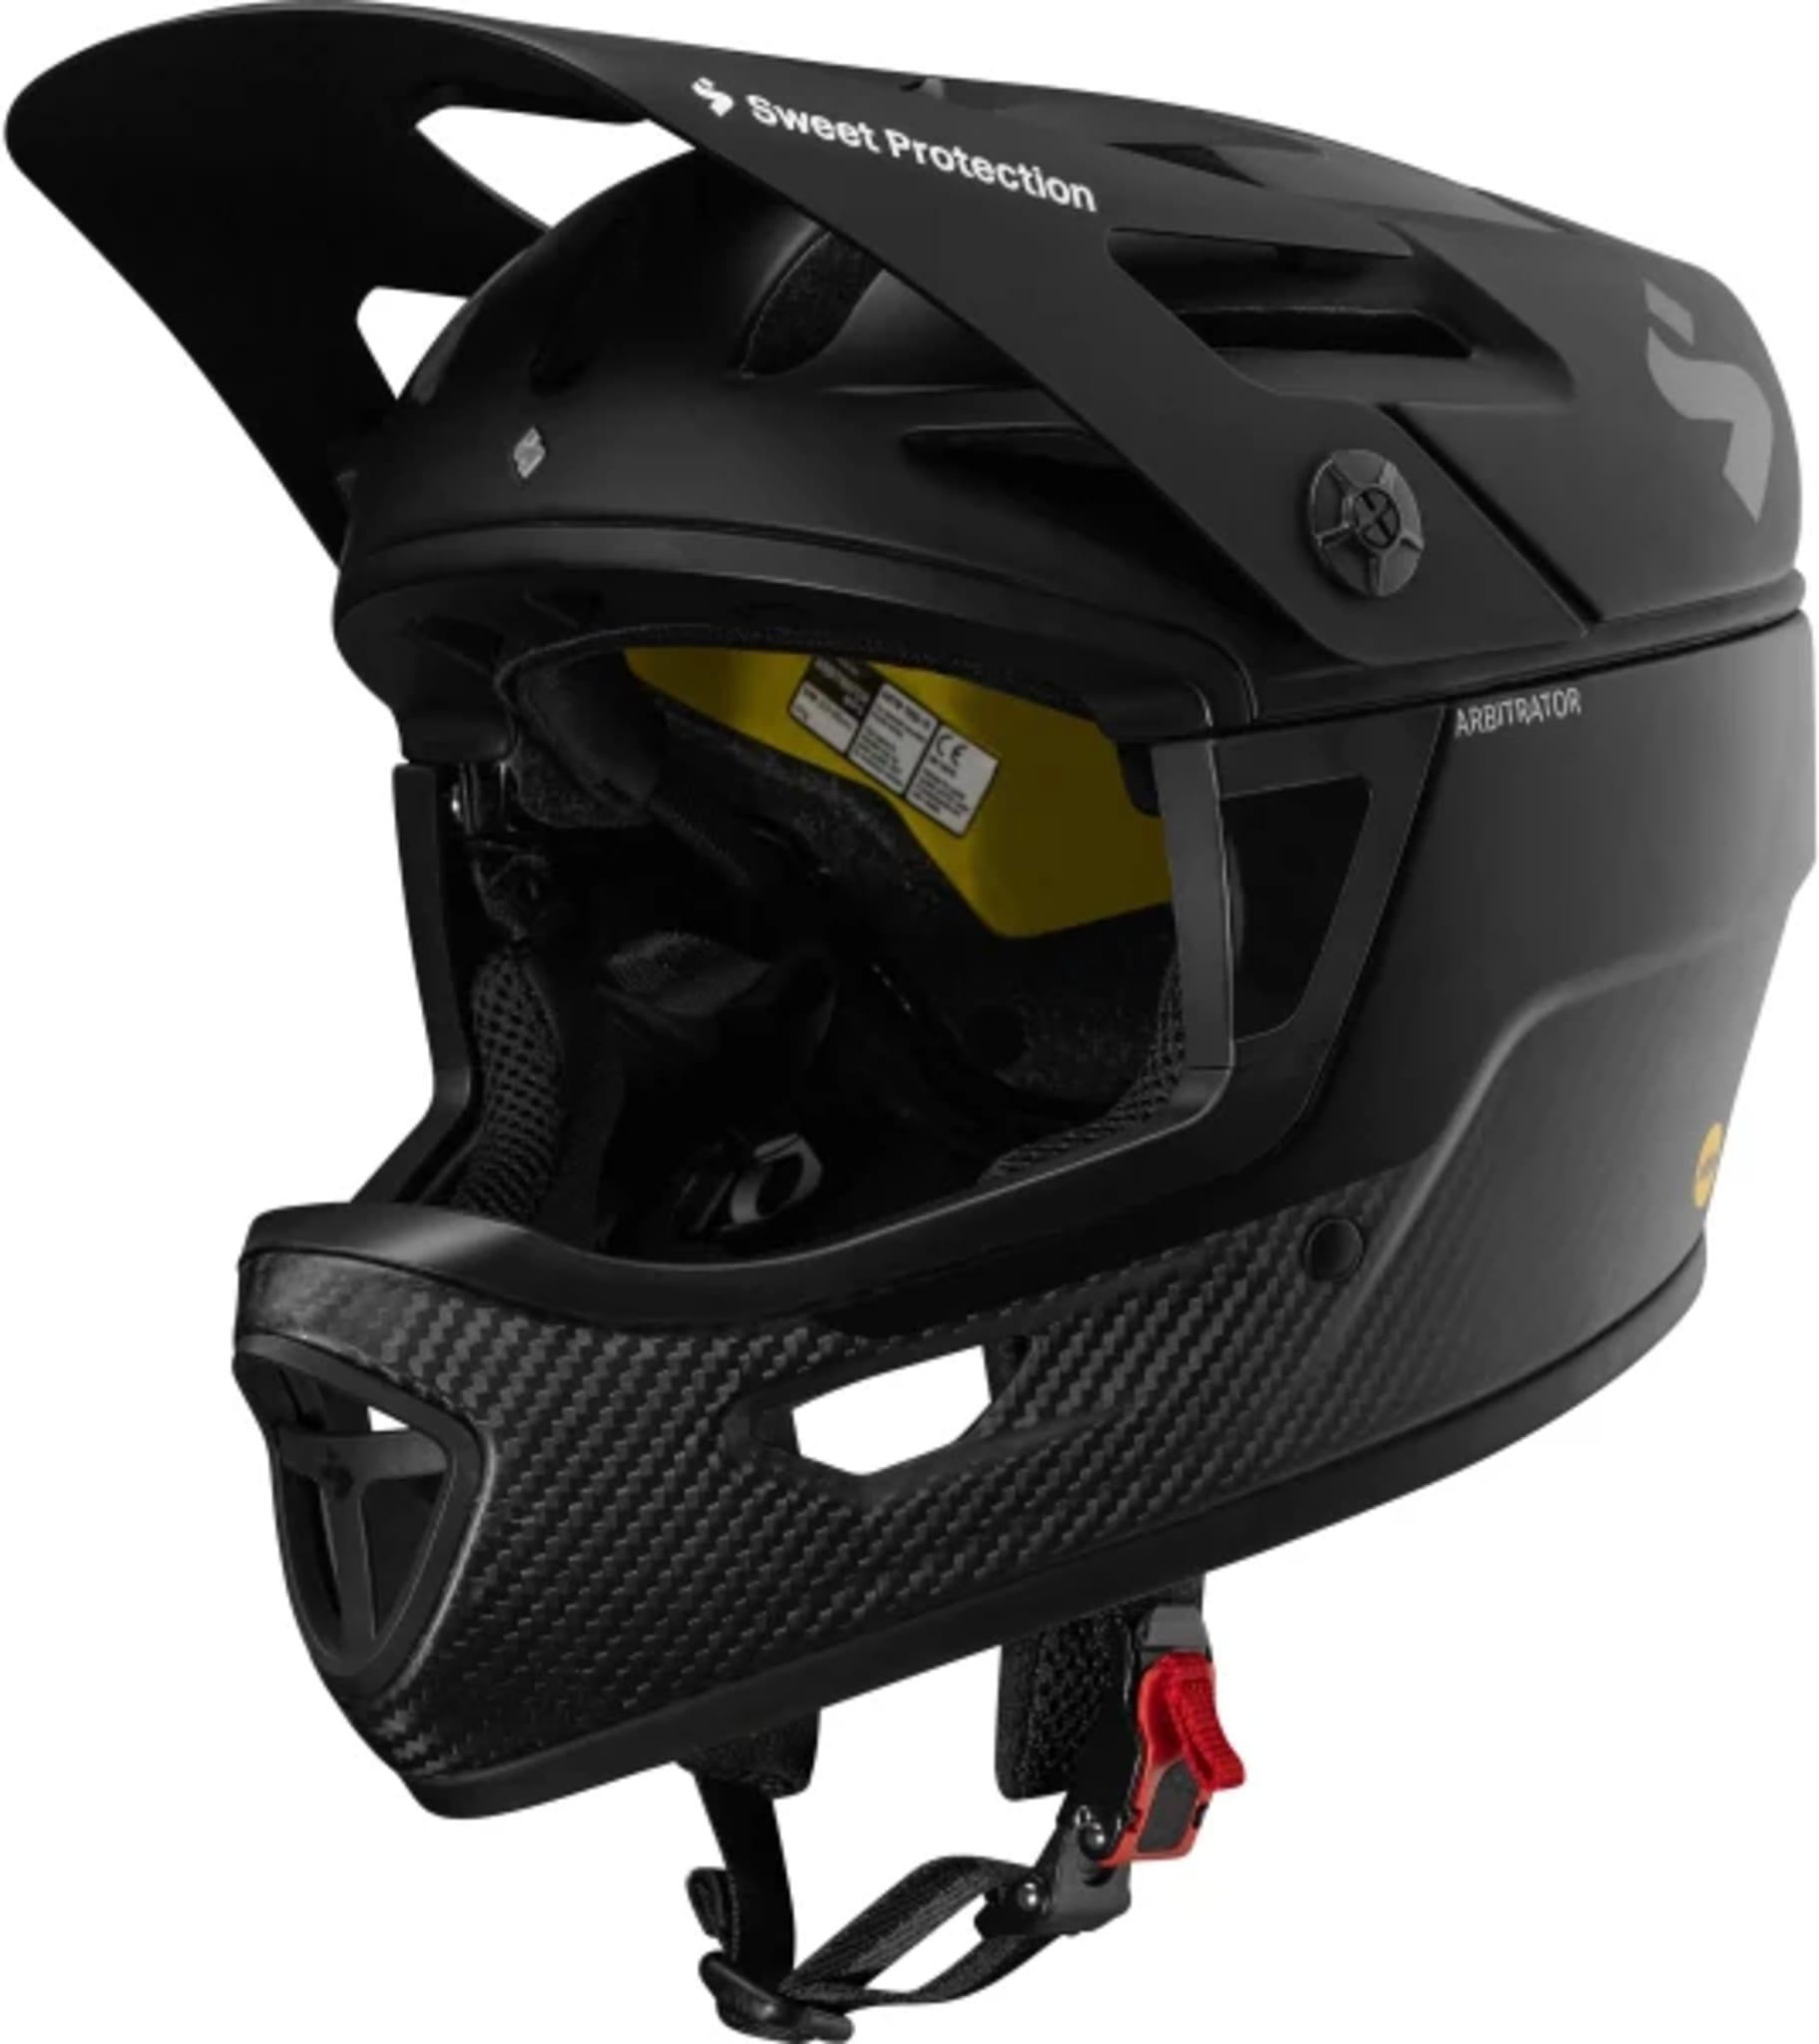 Arbitrator er Sweet Protections nye downhill-sertifiserte fullface-hjelm.